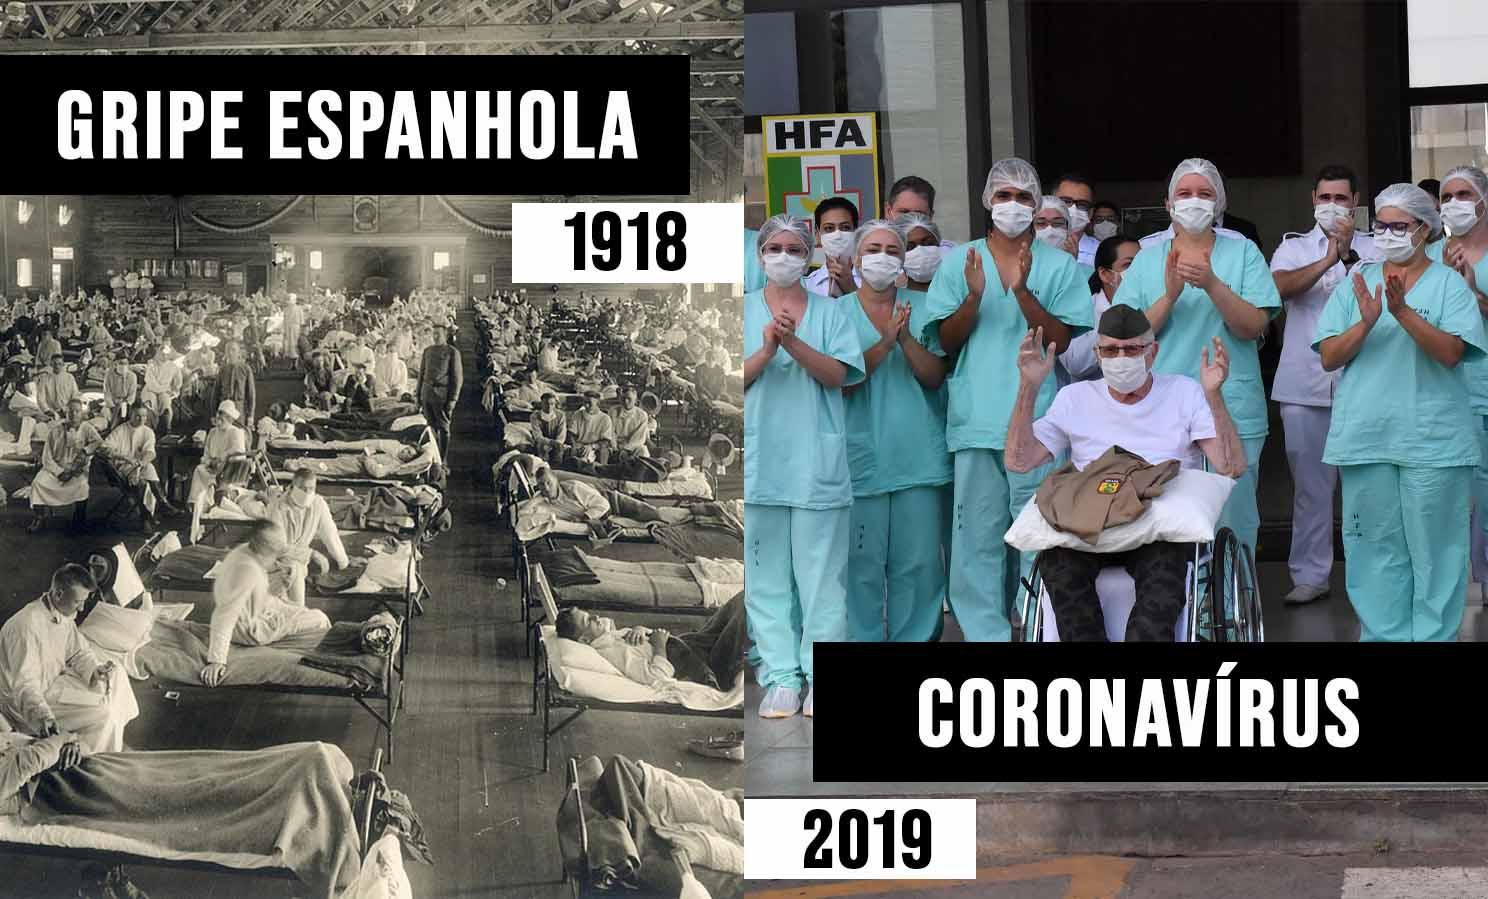 CORONAVÍRUS VS GRIPE ESPANHOLA